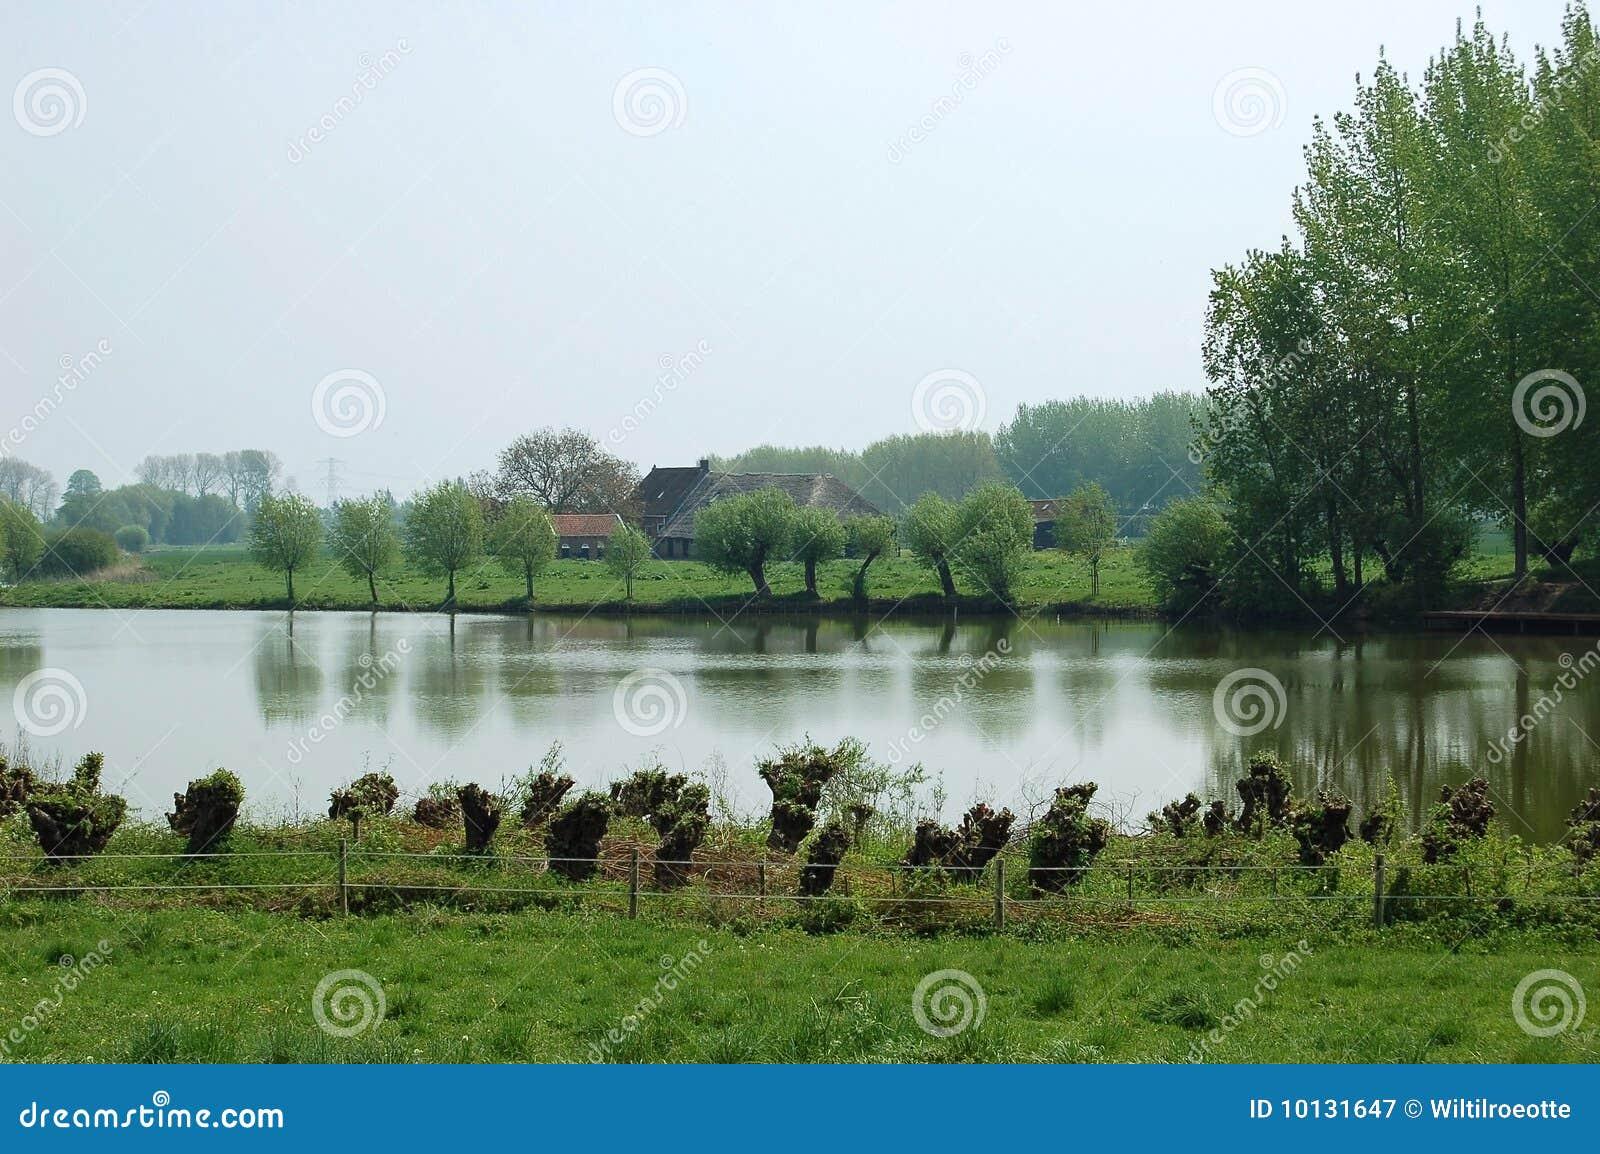 Typical wet dutch landscape